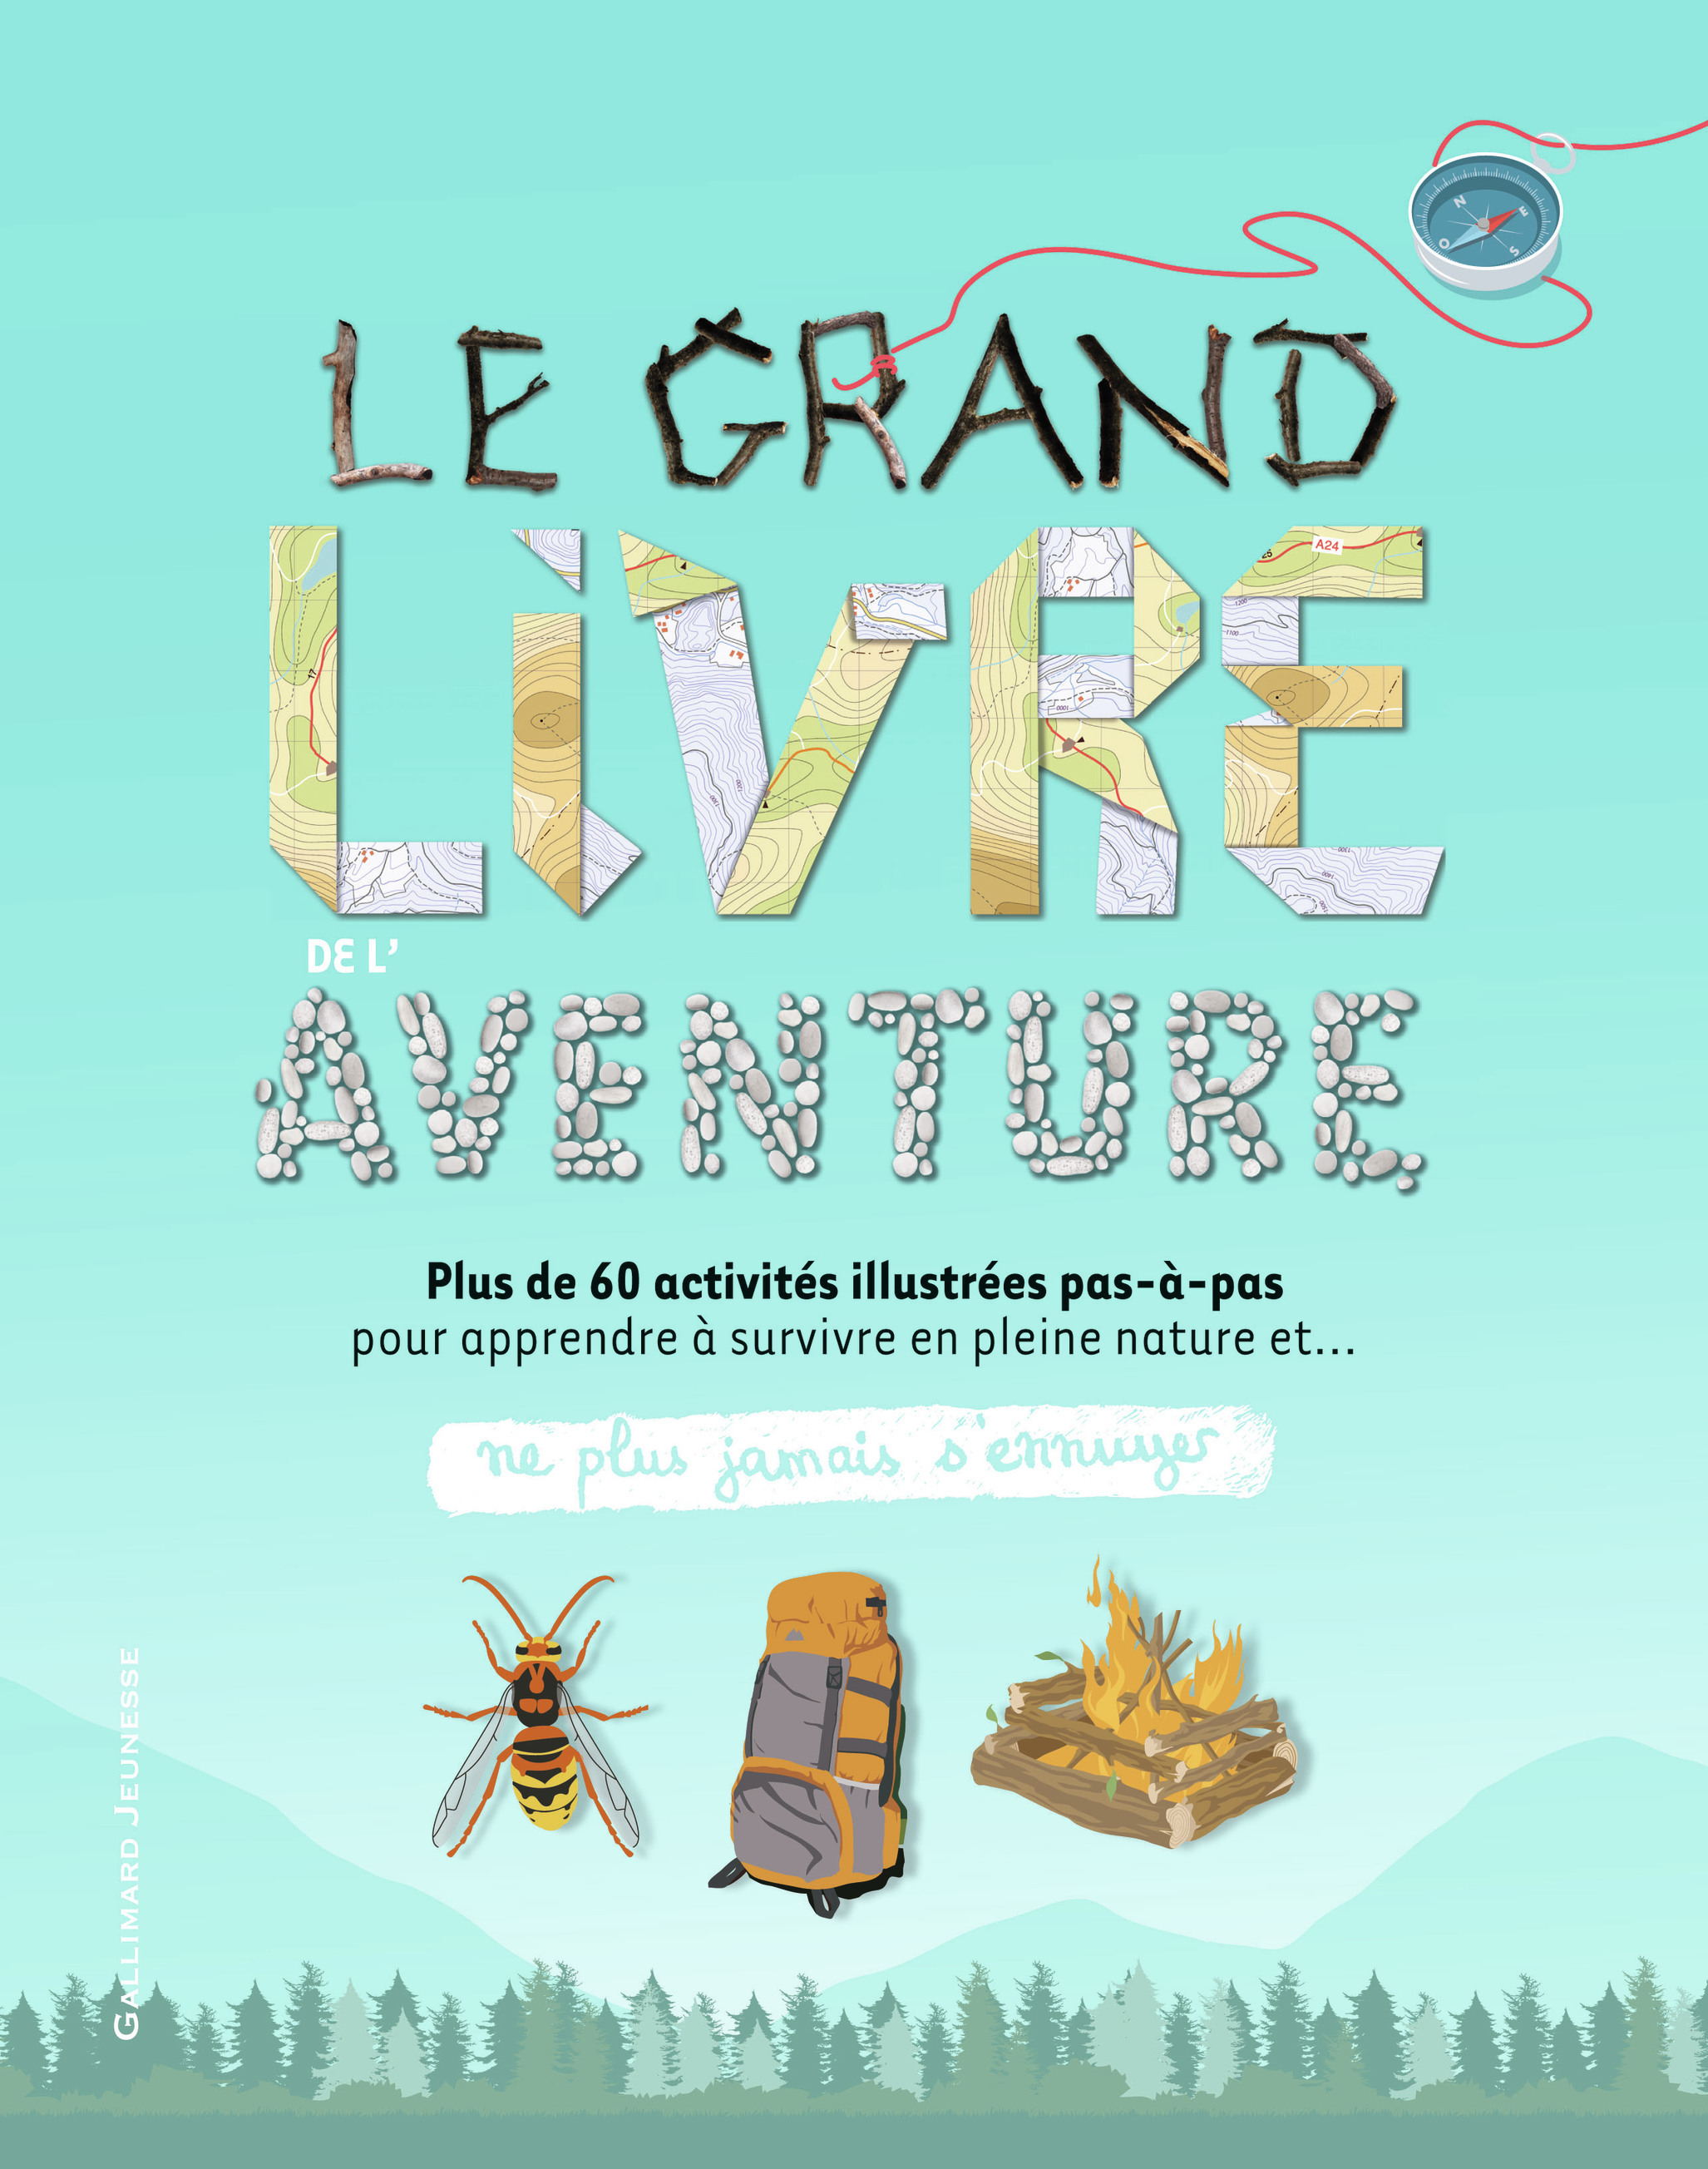 LE GRAND LIVRE DE L'AVENTURE - 60 ACTIVITES POUR APPRENDRE A SE DEBROUILLER SEUL DANS LA NATURE